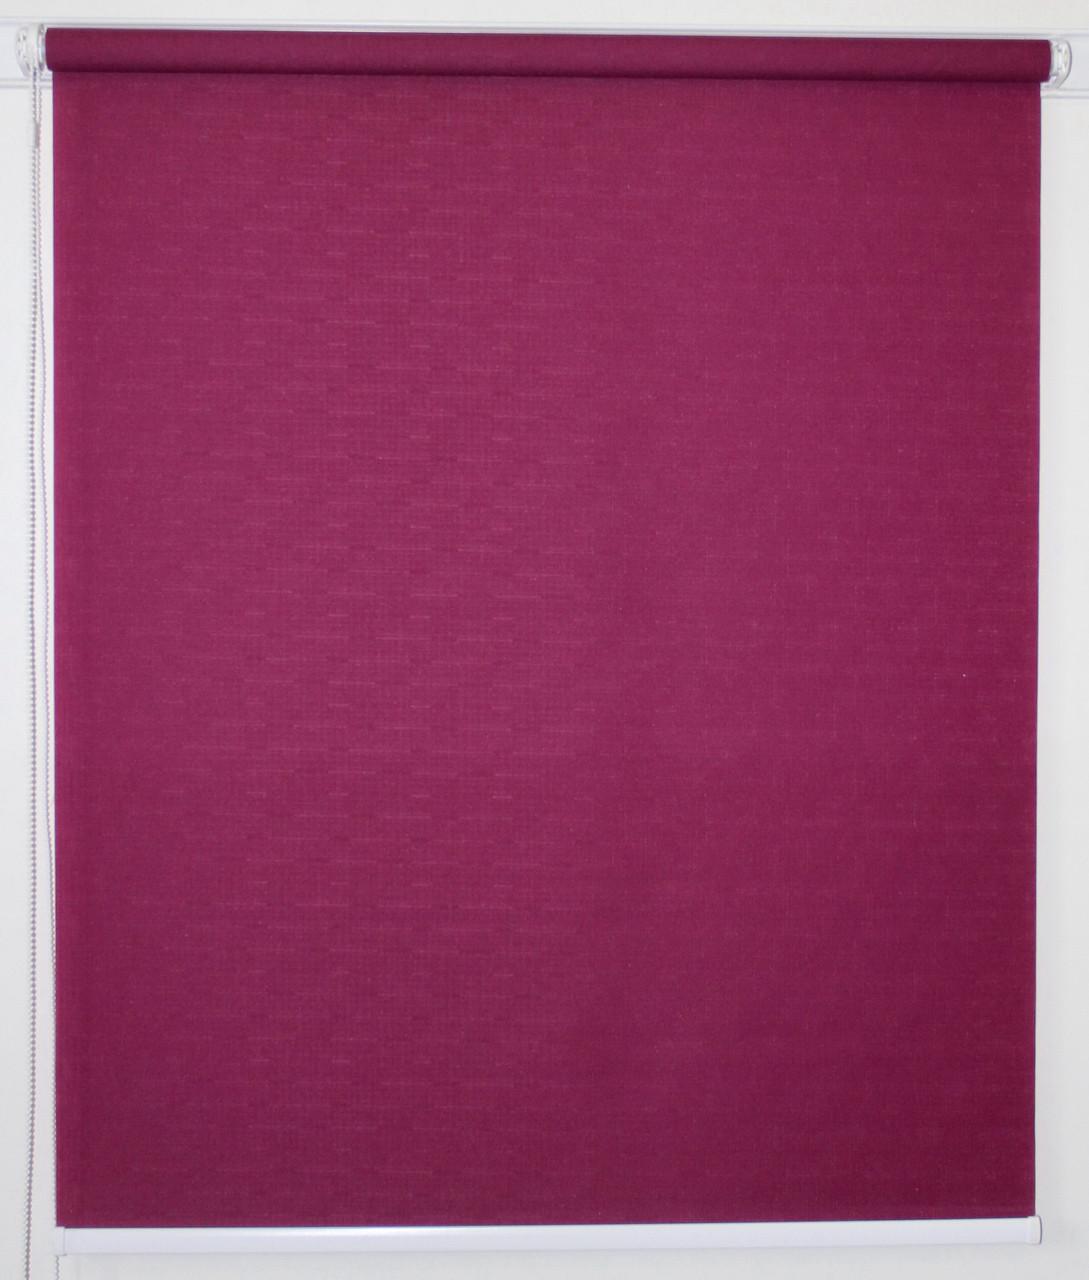 Рулонная штора 825*1500 Ткань Лён 7446 Пурпурно-красный